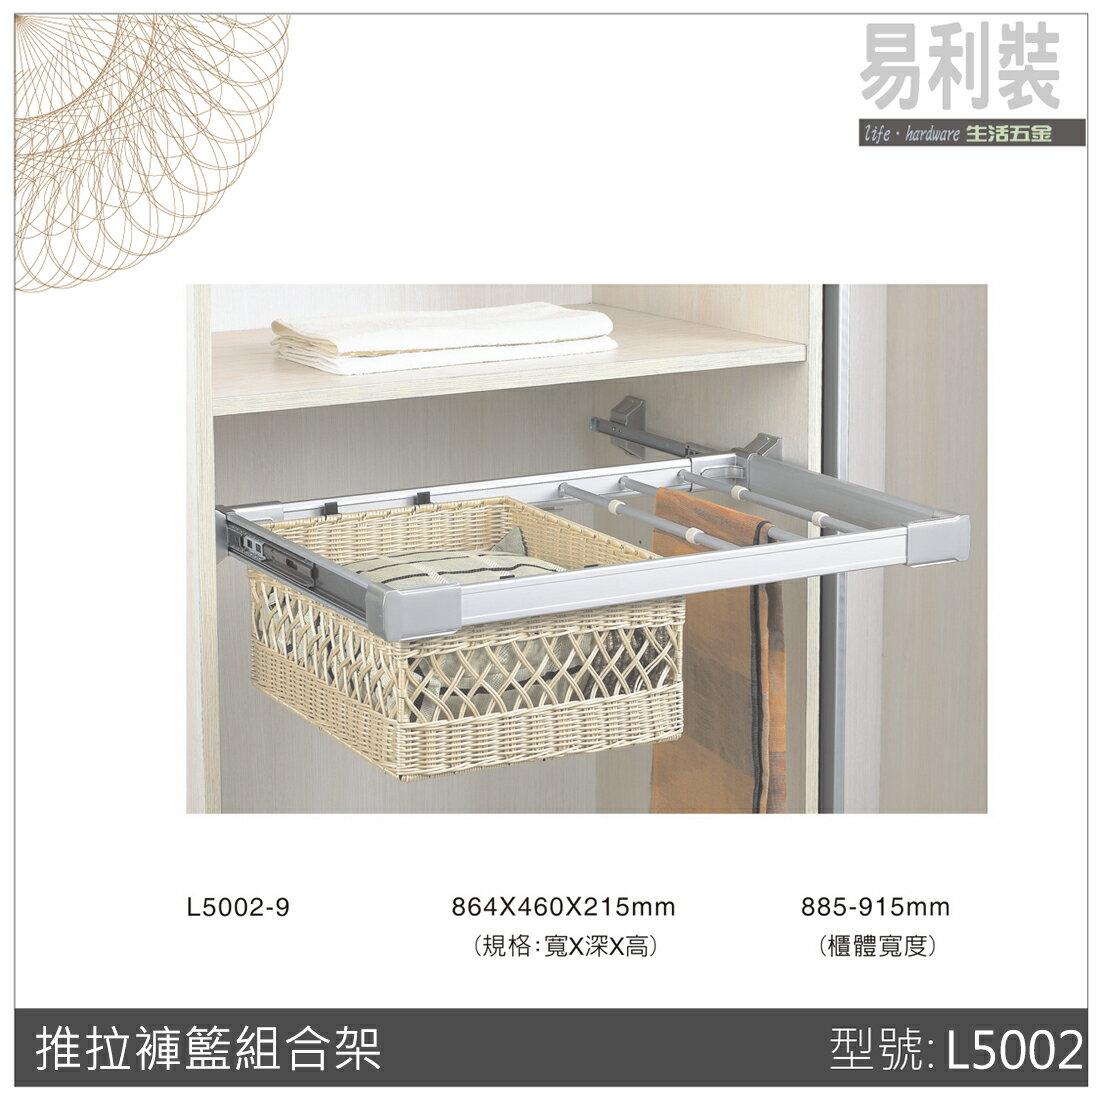 【 EASYCAN 】L5002-9 推拉褲籃組合架 易利裝生活五金 房間 臥房 客廳 小資族 辦公家具 系統家具